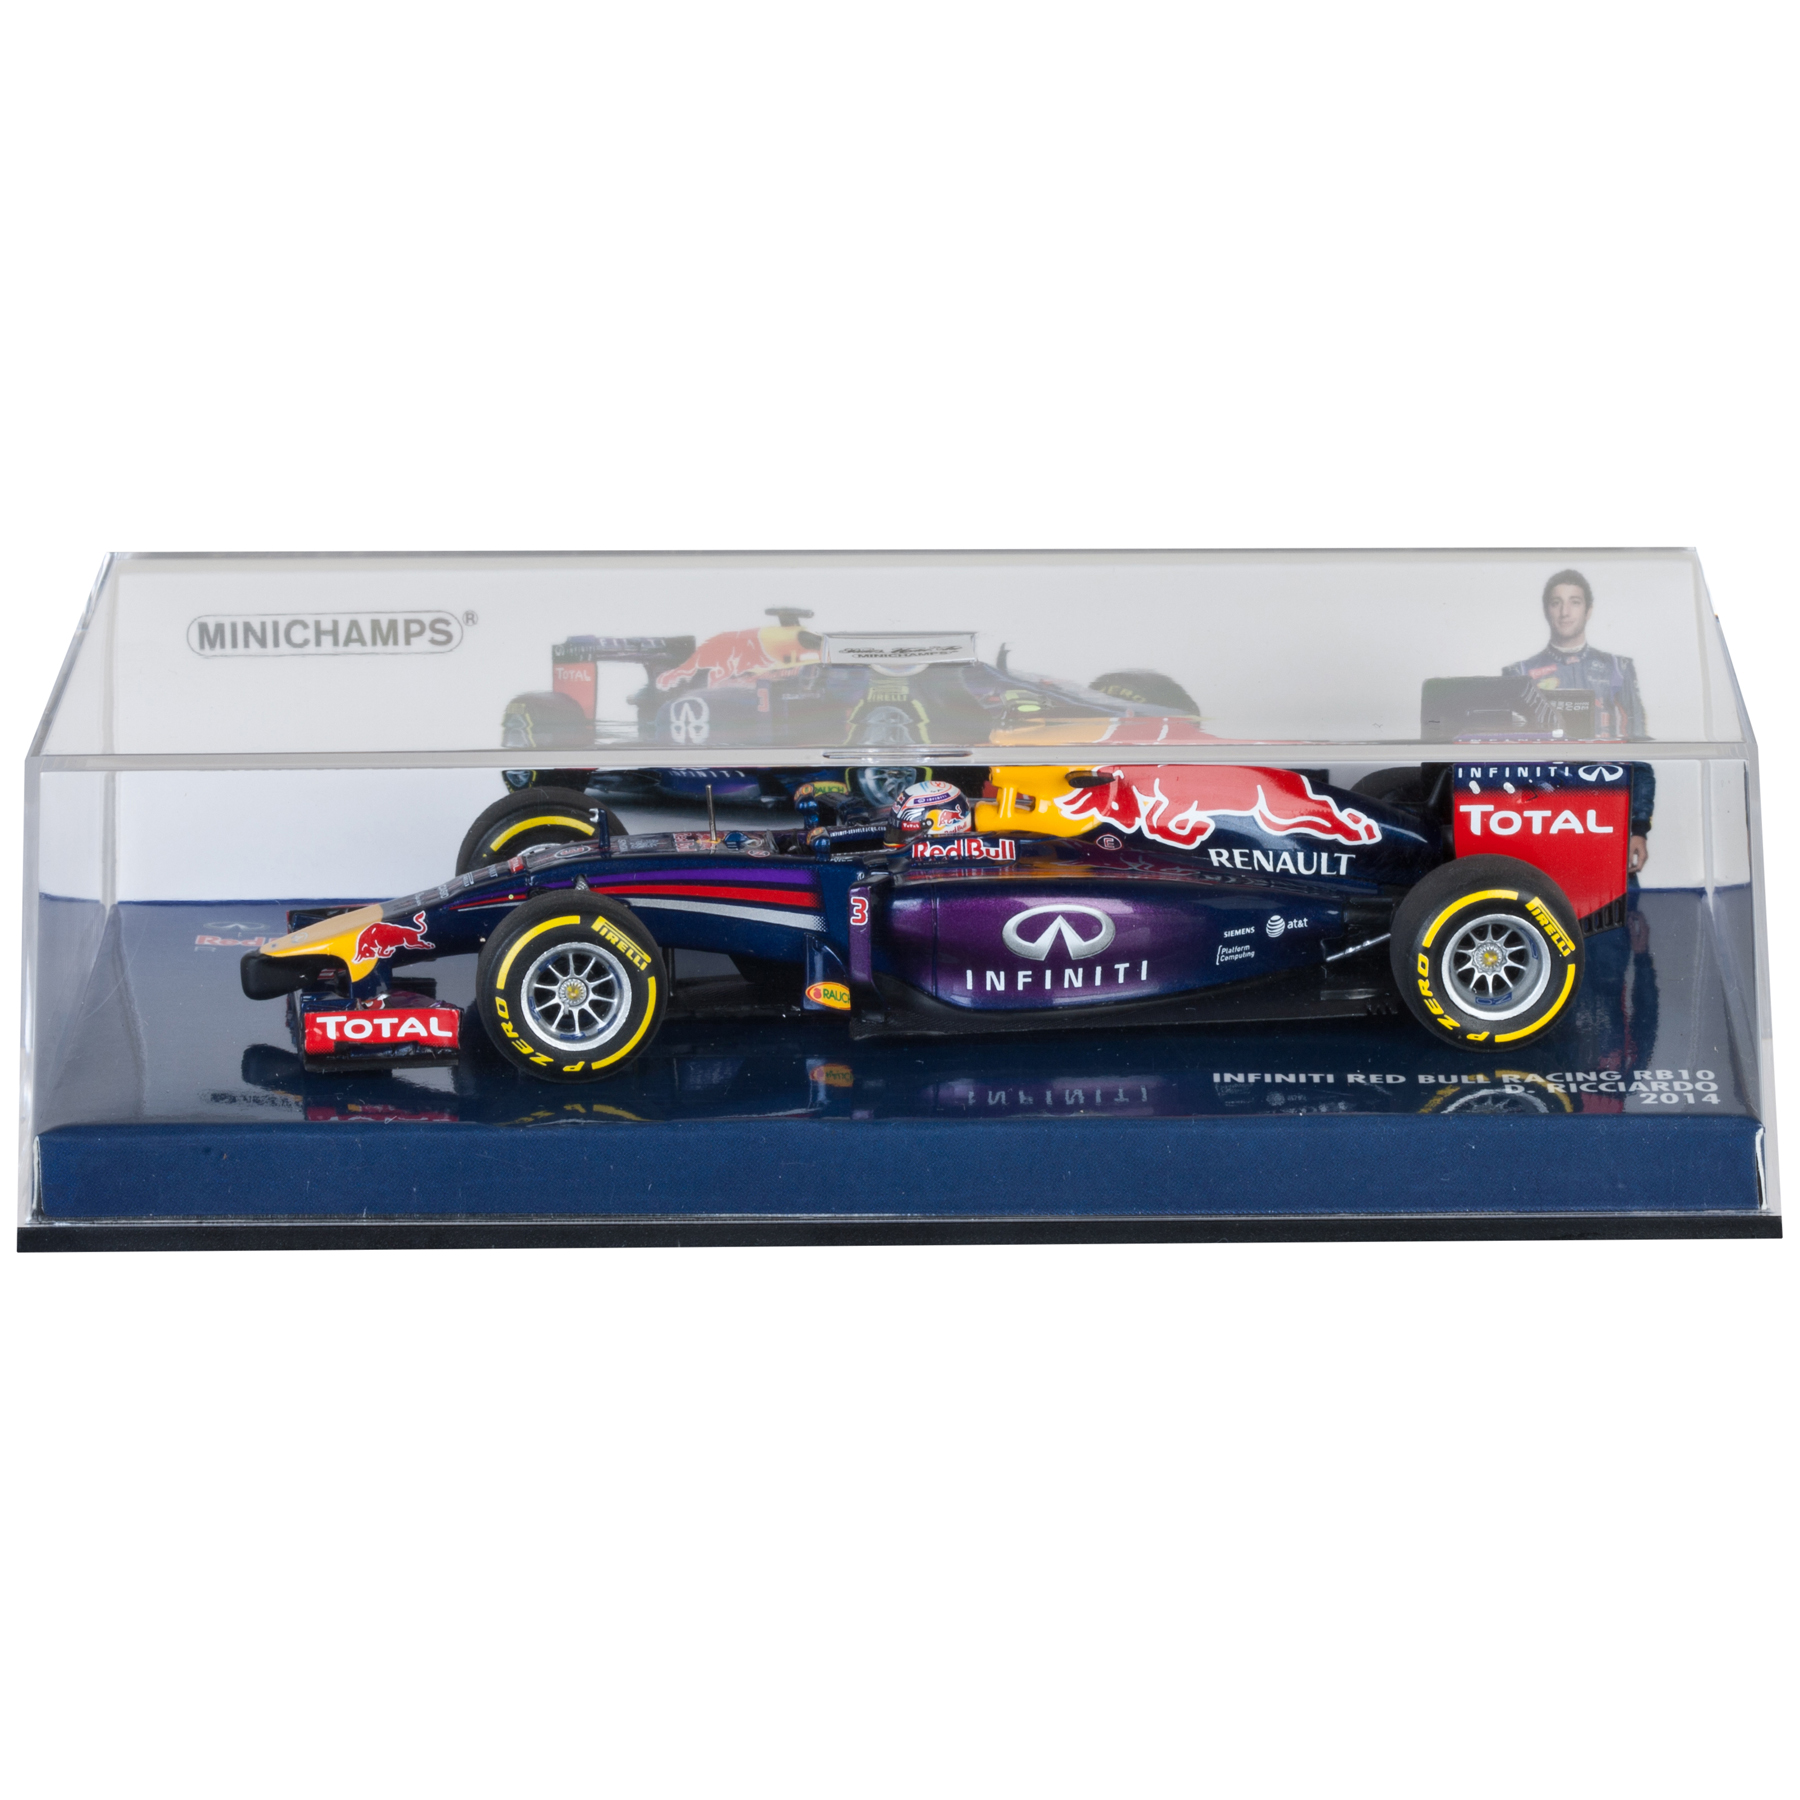 Infiniti Red Bull Racing Renault RB10 Daniel Ricciardo 2014 - 1:43 Scale